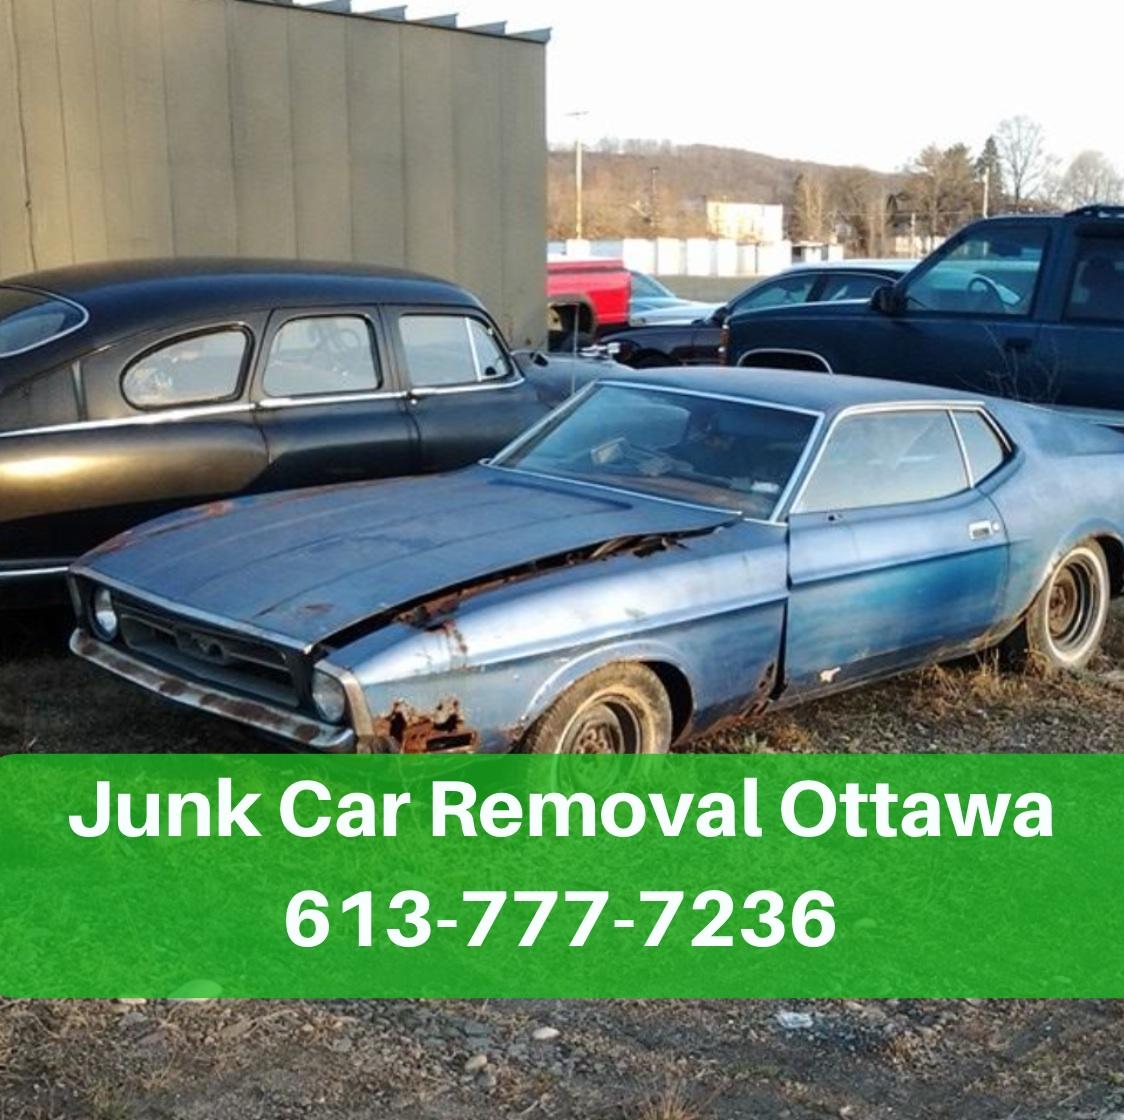 Junk Car Removal Ottawa - Google+